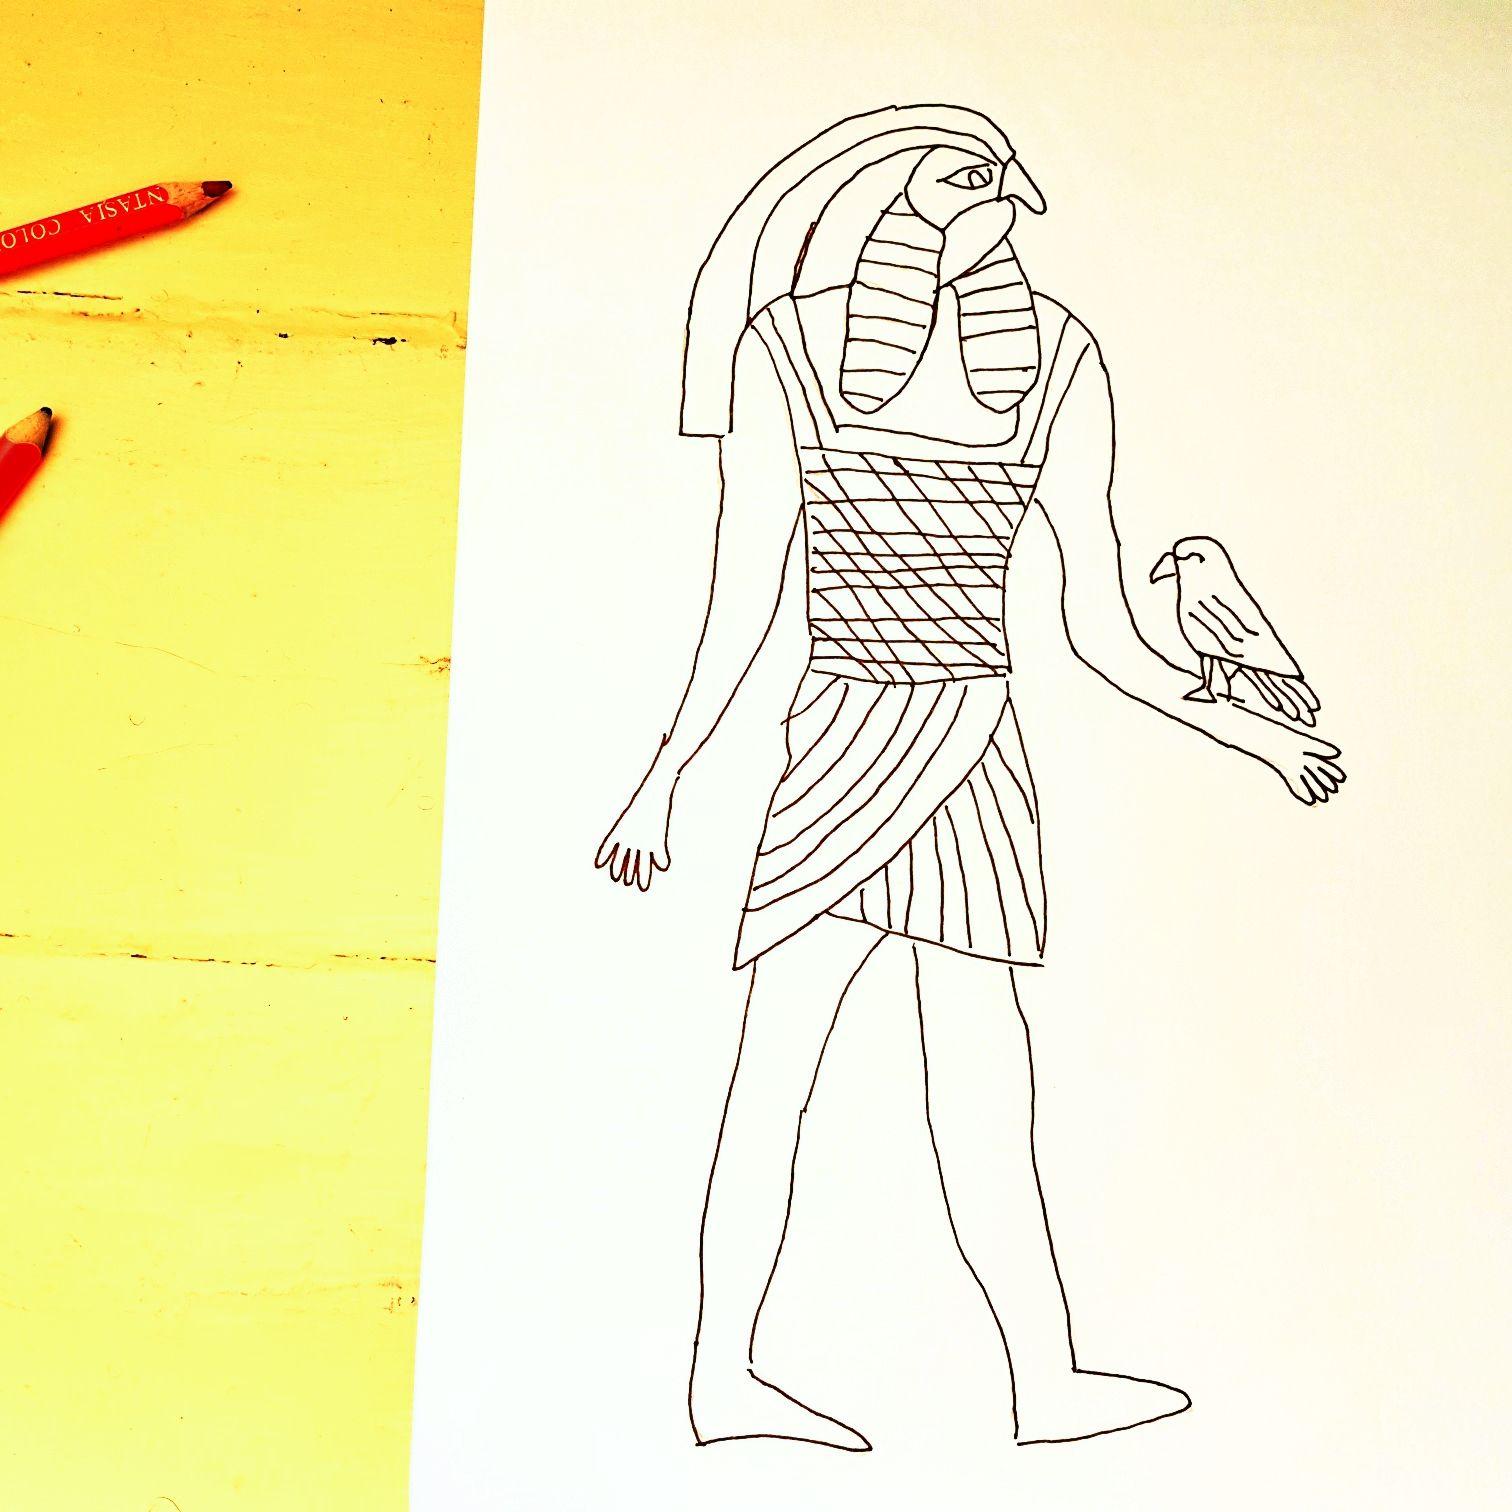 Meine Zeichnung von Gott Horus